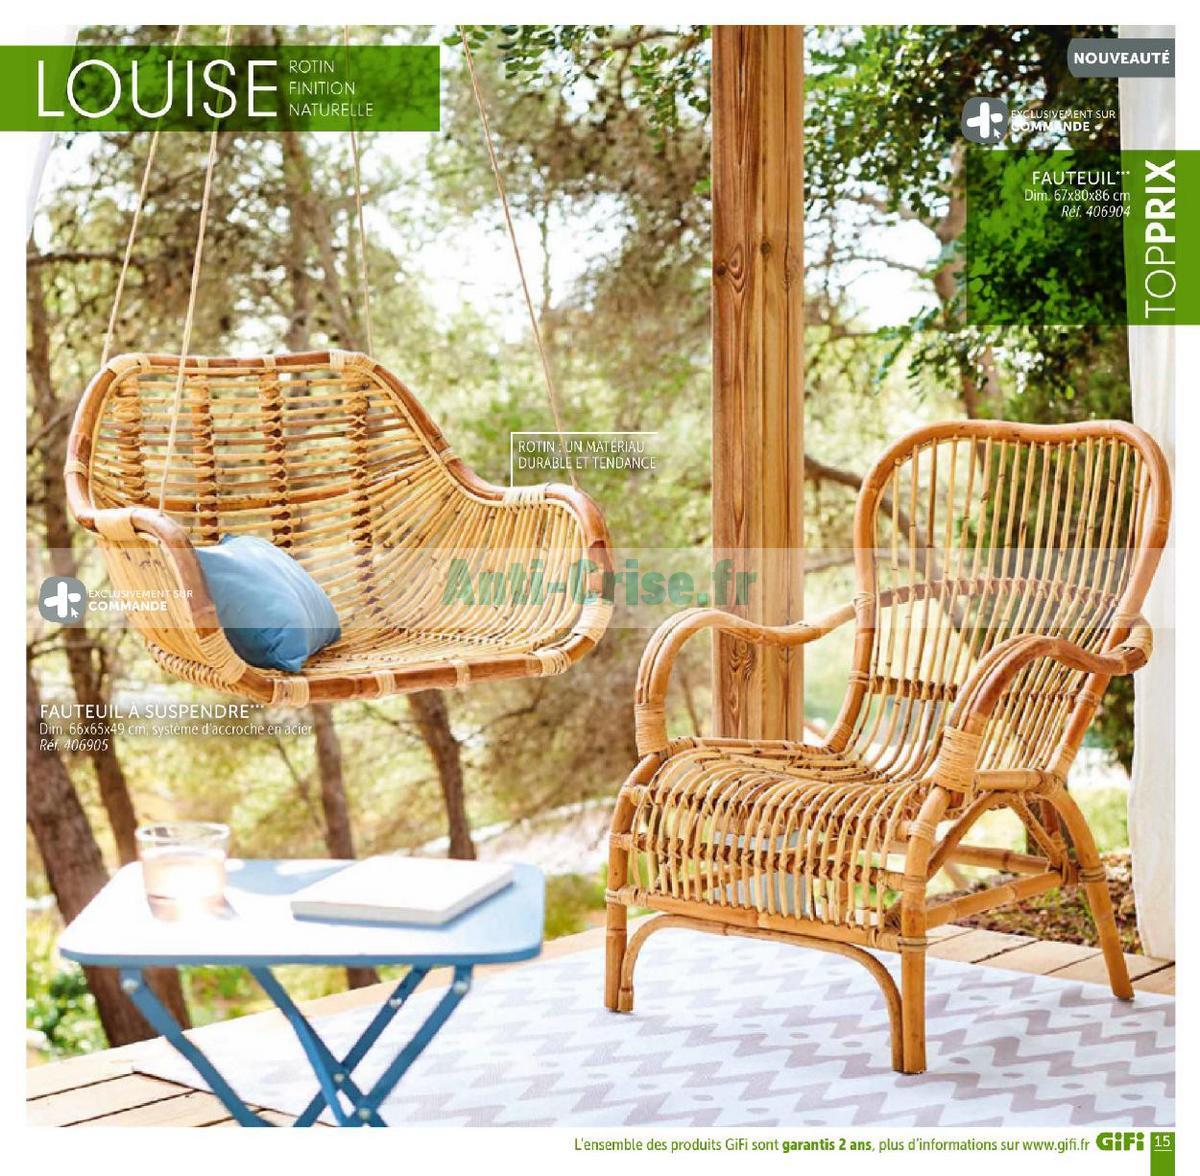 aout2018 Catalogue Gifi du 1er mai au 31 août 2018 (Plein Air) (15)